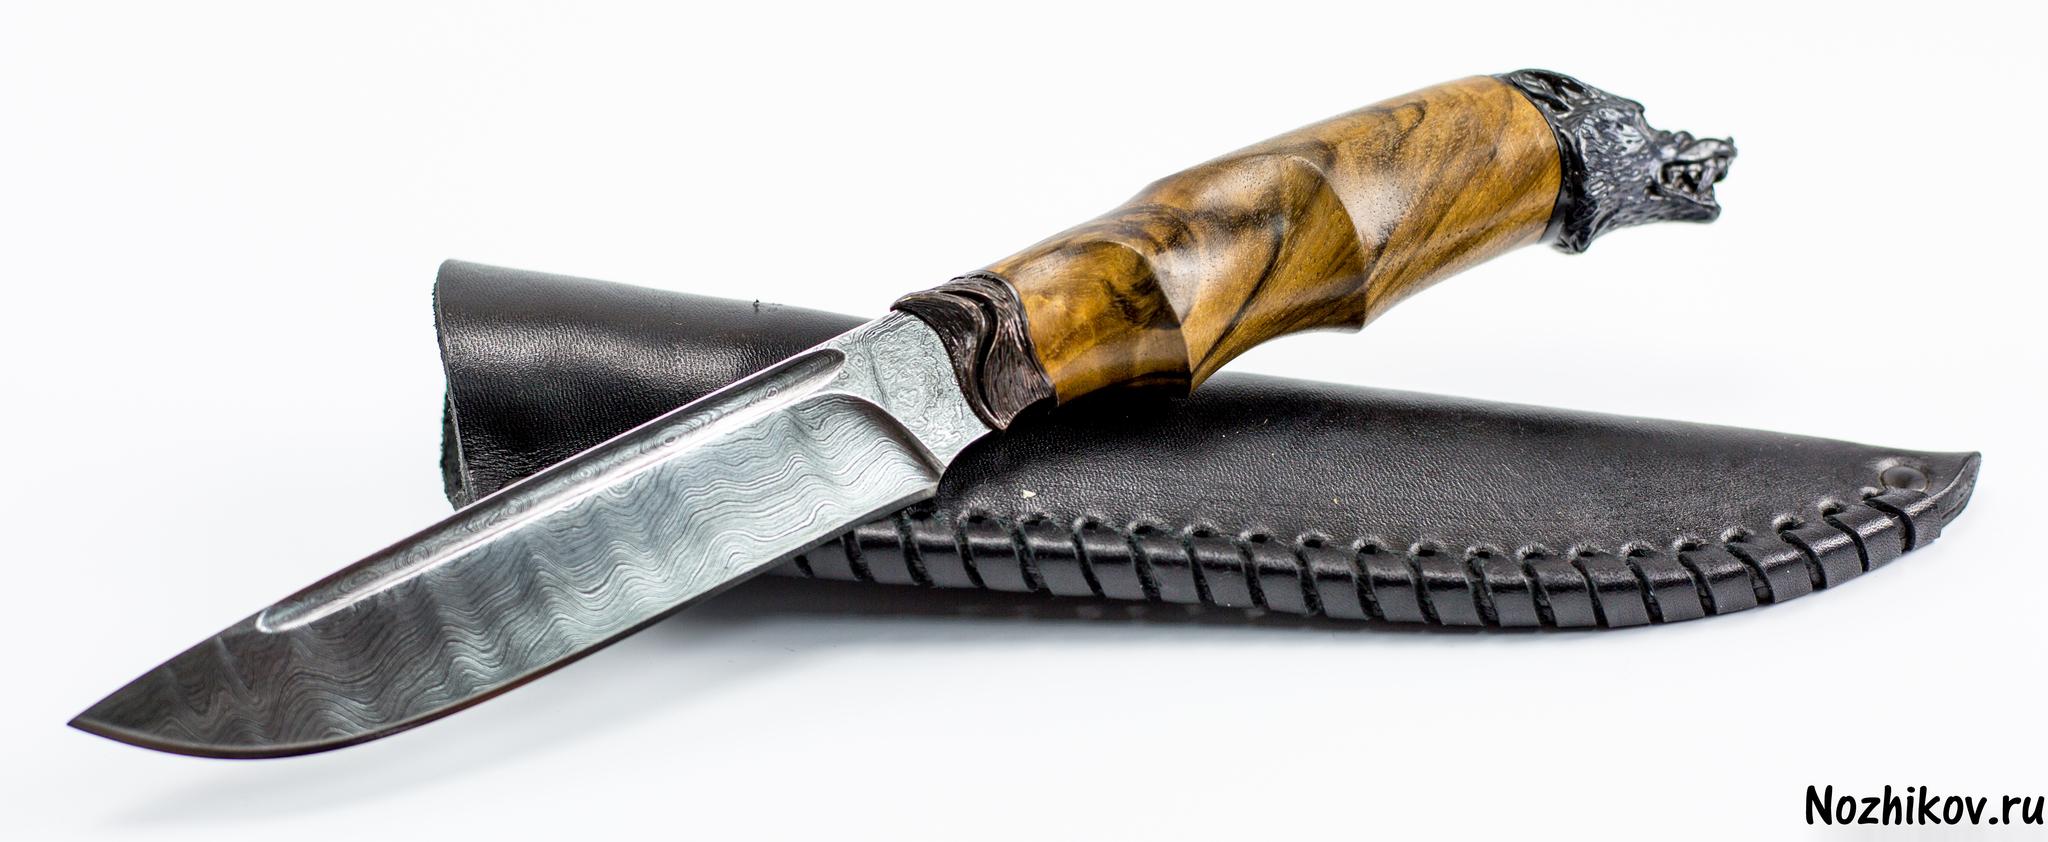 Авторский Нож из Дамаска №3, КизлярНожи Кизляр<br><br>